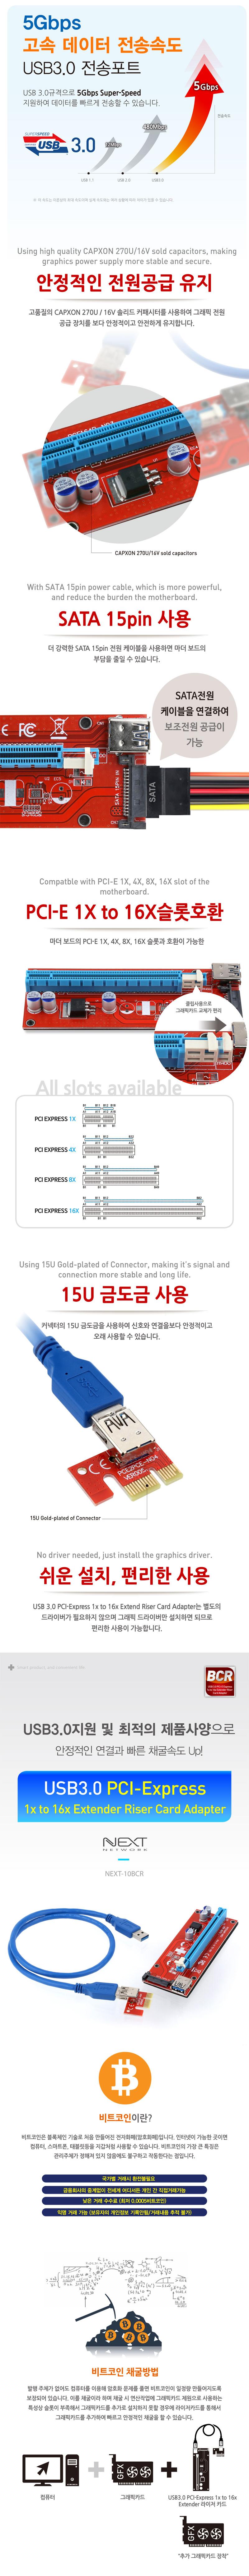 이지넷유비쿼터스 넥스트 PCIe 라이져카드 (NEXT-10BCR)